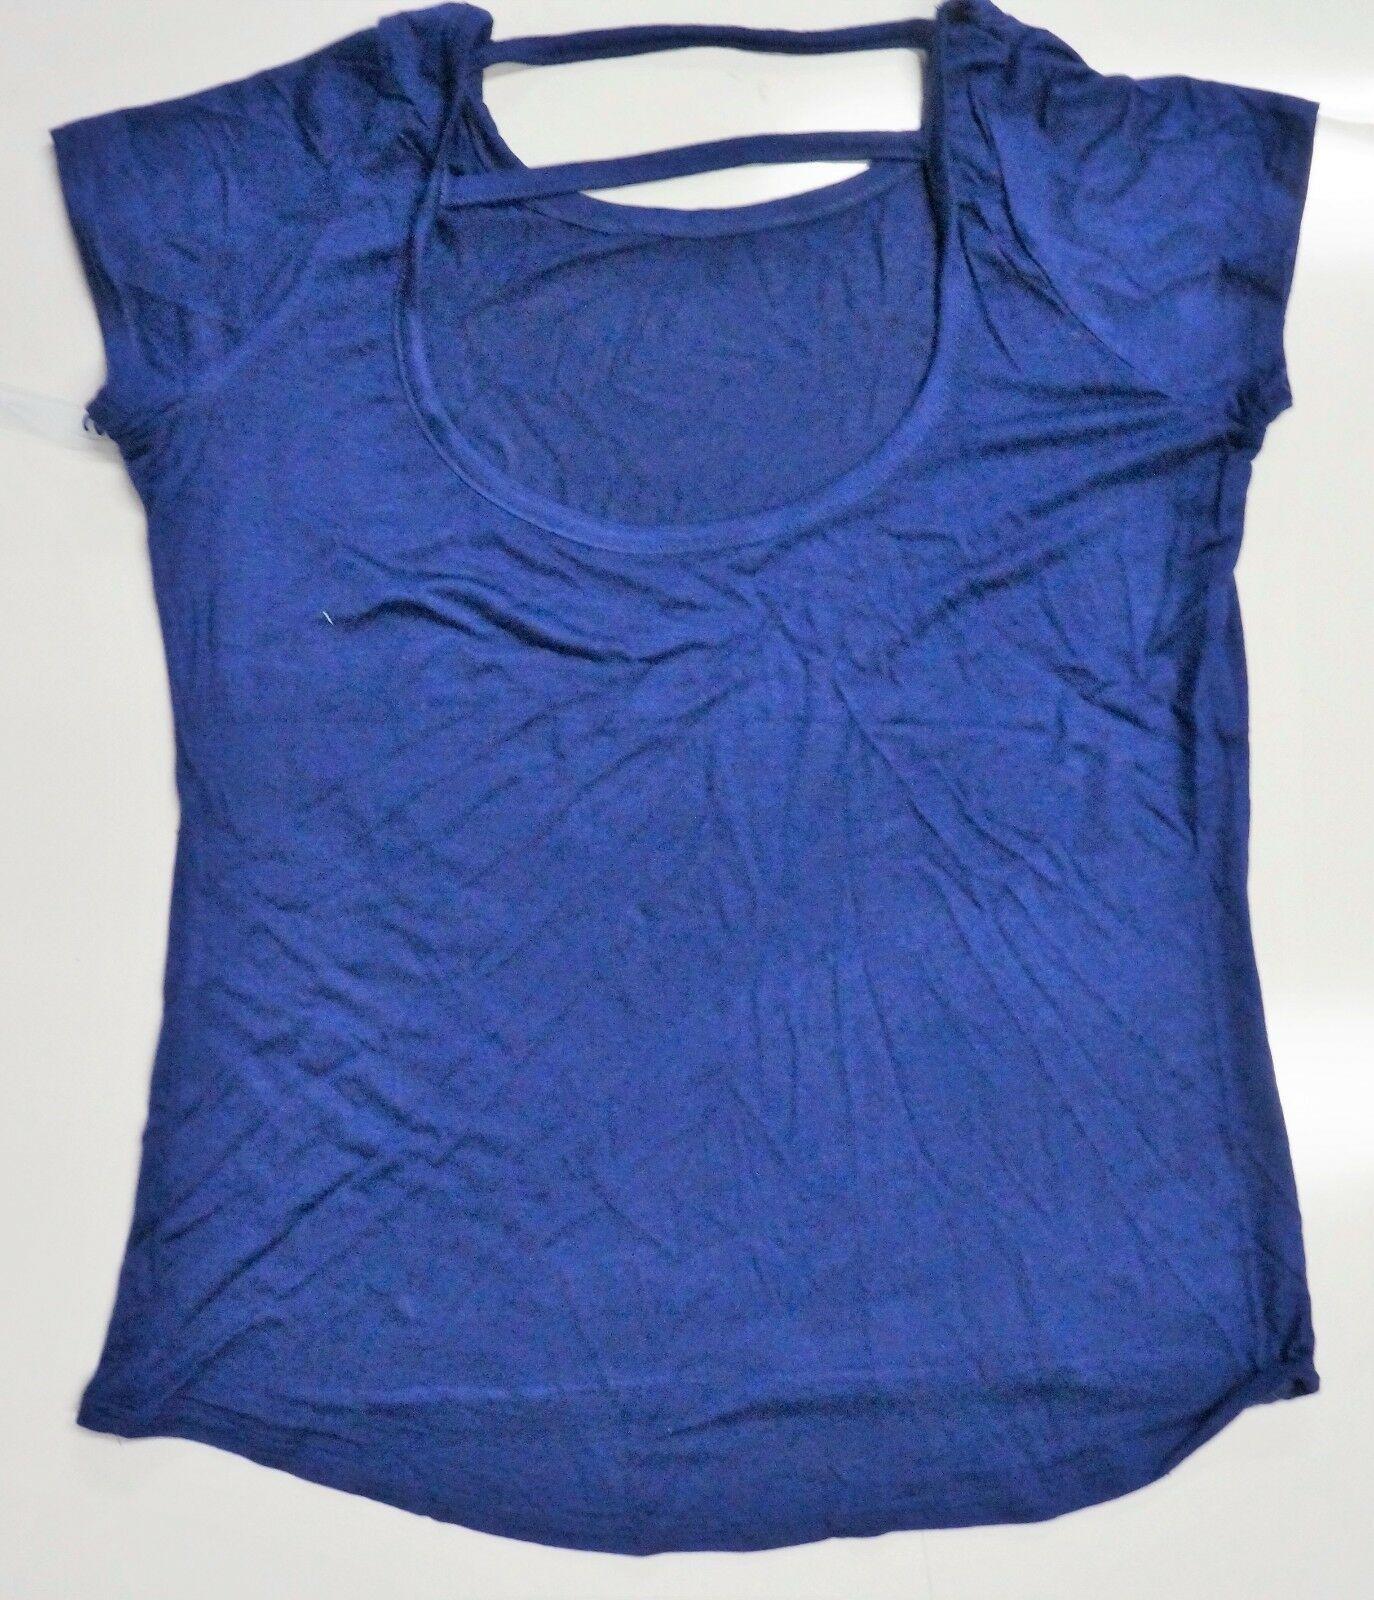 New-Cascade-Blue-Workout-Women-039-s-Tank-Tops miniature 7